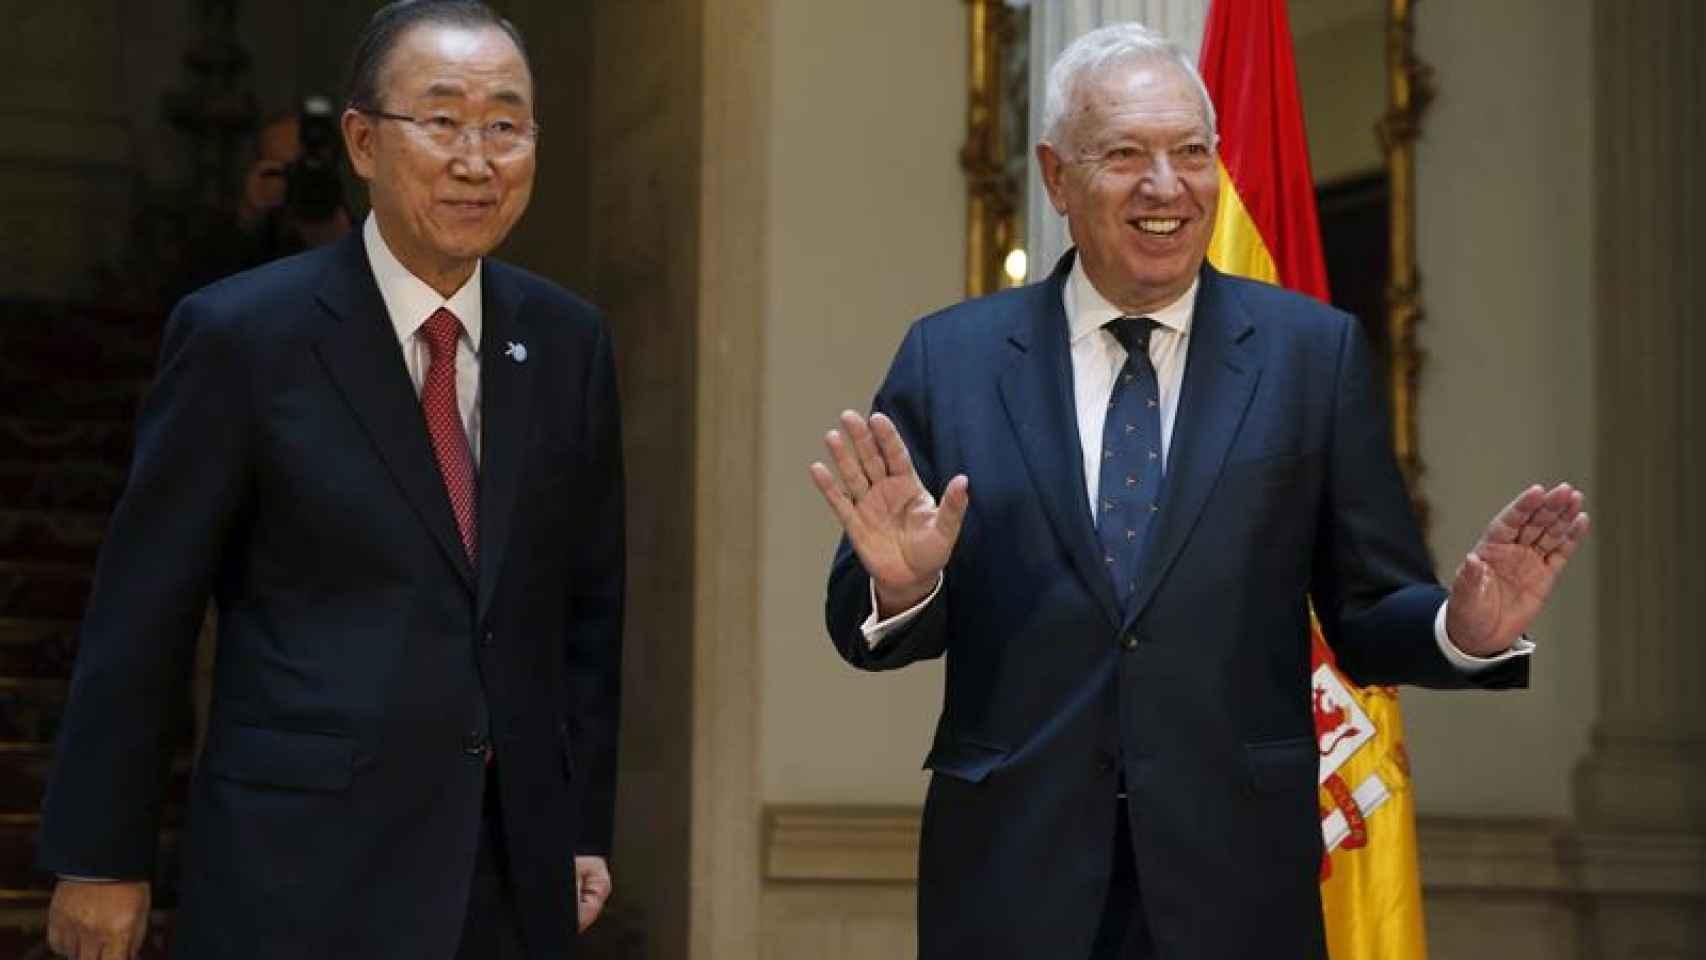 El ministro de Exteriores ha recibido a Ban Ki-Moon en el Palacio de Viana.